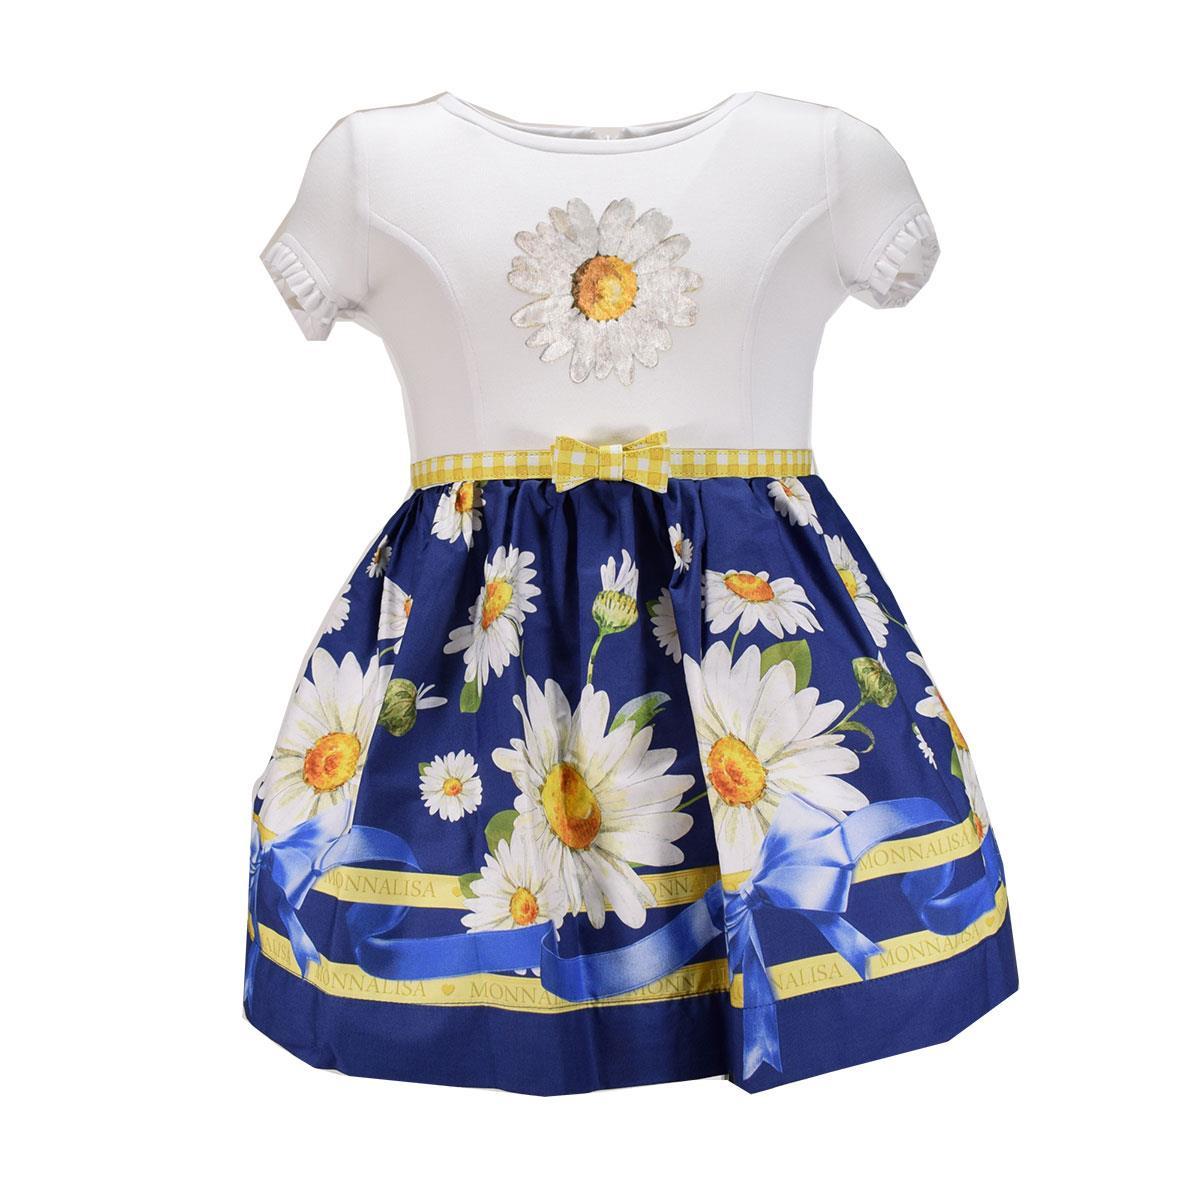 cerca il più recente fashion style prezzo ridotto Monnalisa Bimba Abito Margherite